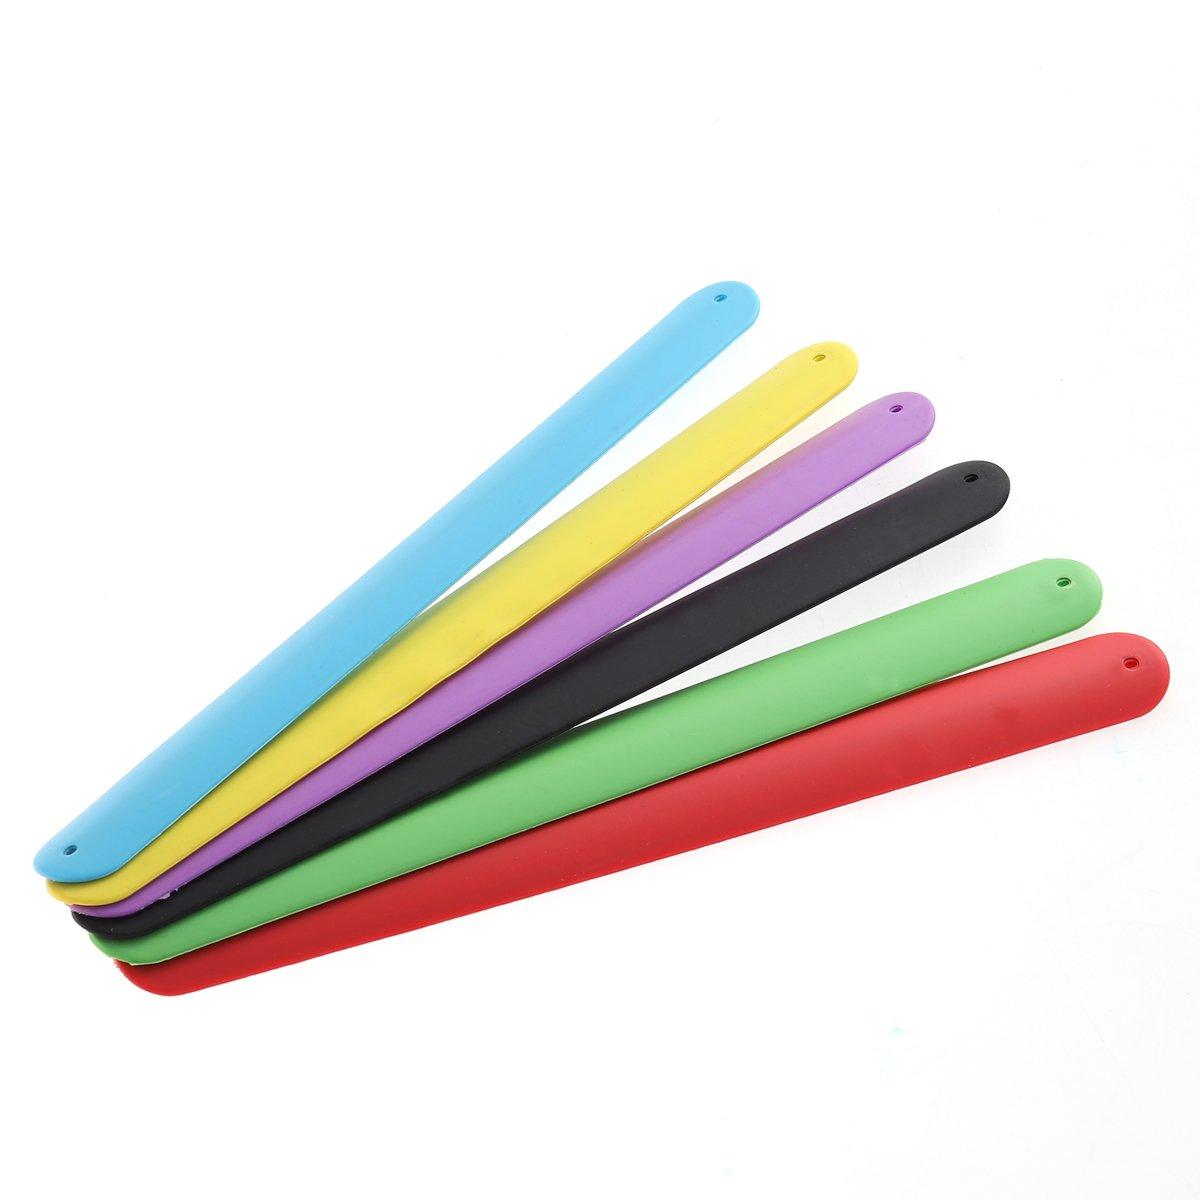 NUOLUX Slap Bracelets,Color Silicone Bracelet for Kids Party Favors,6pcs,Random Color